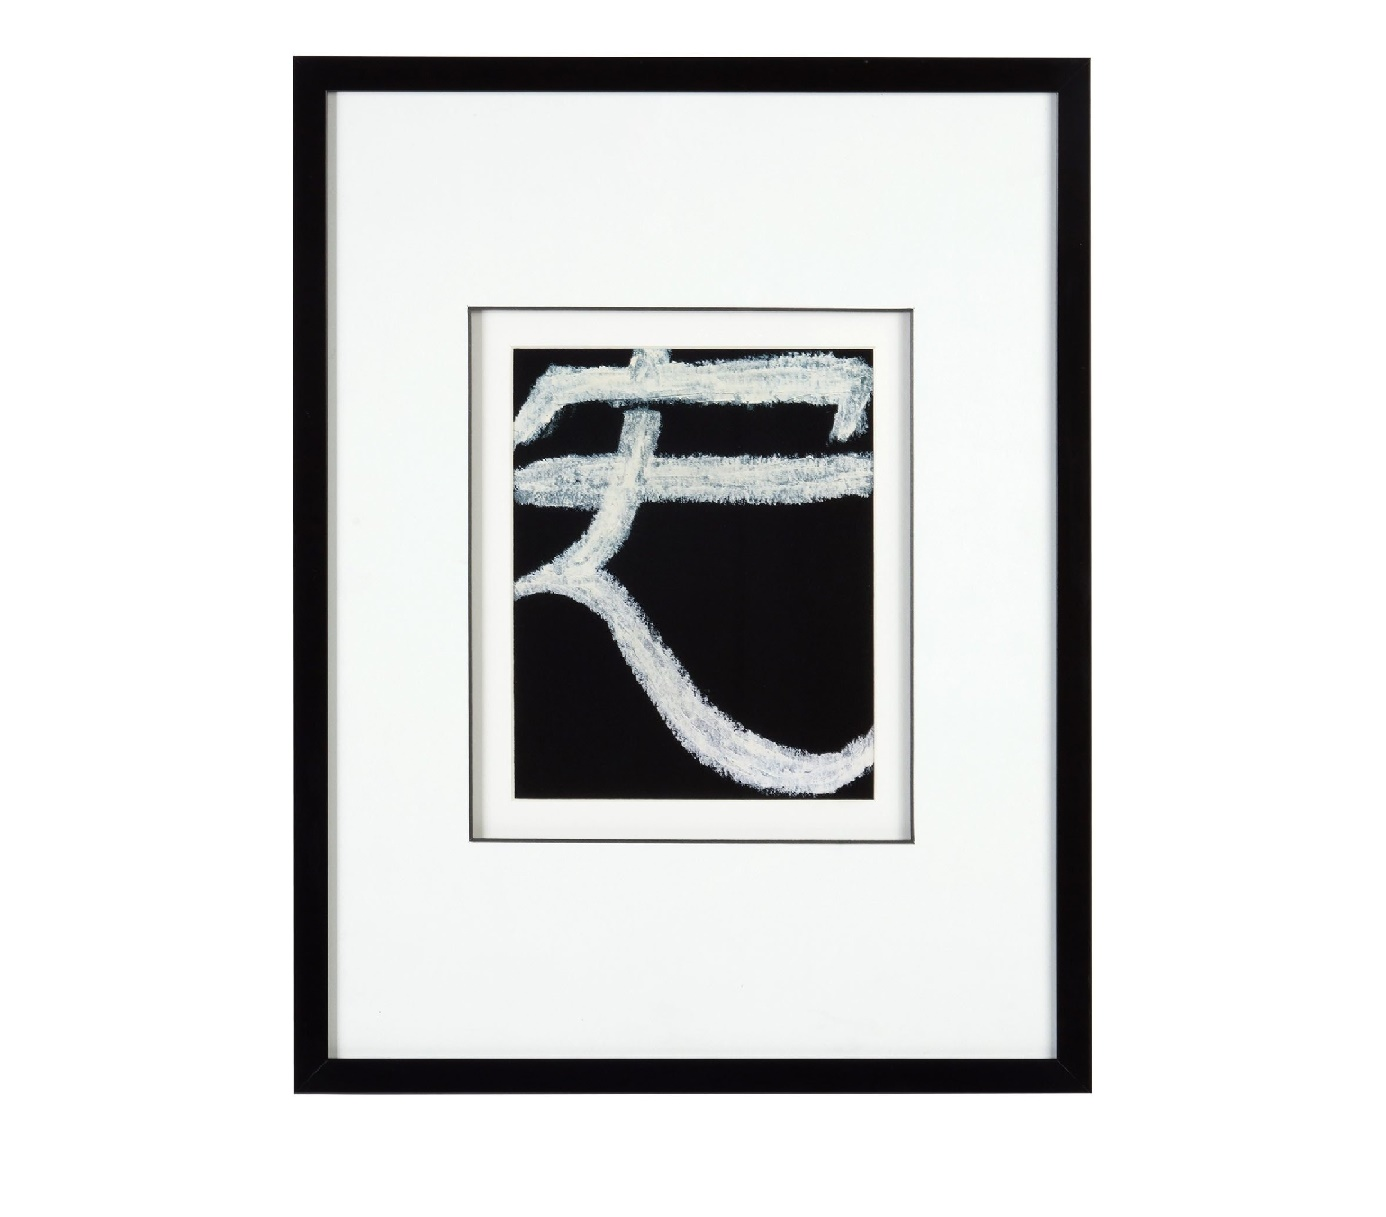 Постер с паспарту в раме Drafting SymbolsПостеры<br>Drafting Symbols ? необычный постер, который раскрывает перед нами тайну притягательности символов. Белый знак на темном фоне смотрится изысканно. Деревянная черная рама добавляет облику картины элегантность.&amp;nbsp;Рама - дерево.<br><br>kit: None<br>gender: None